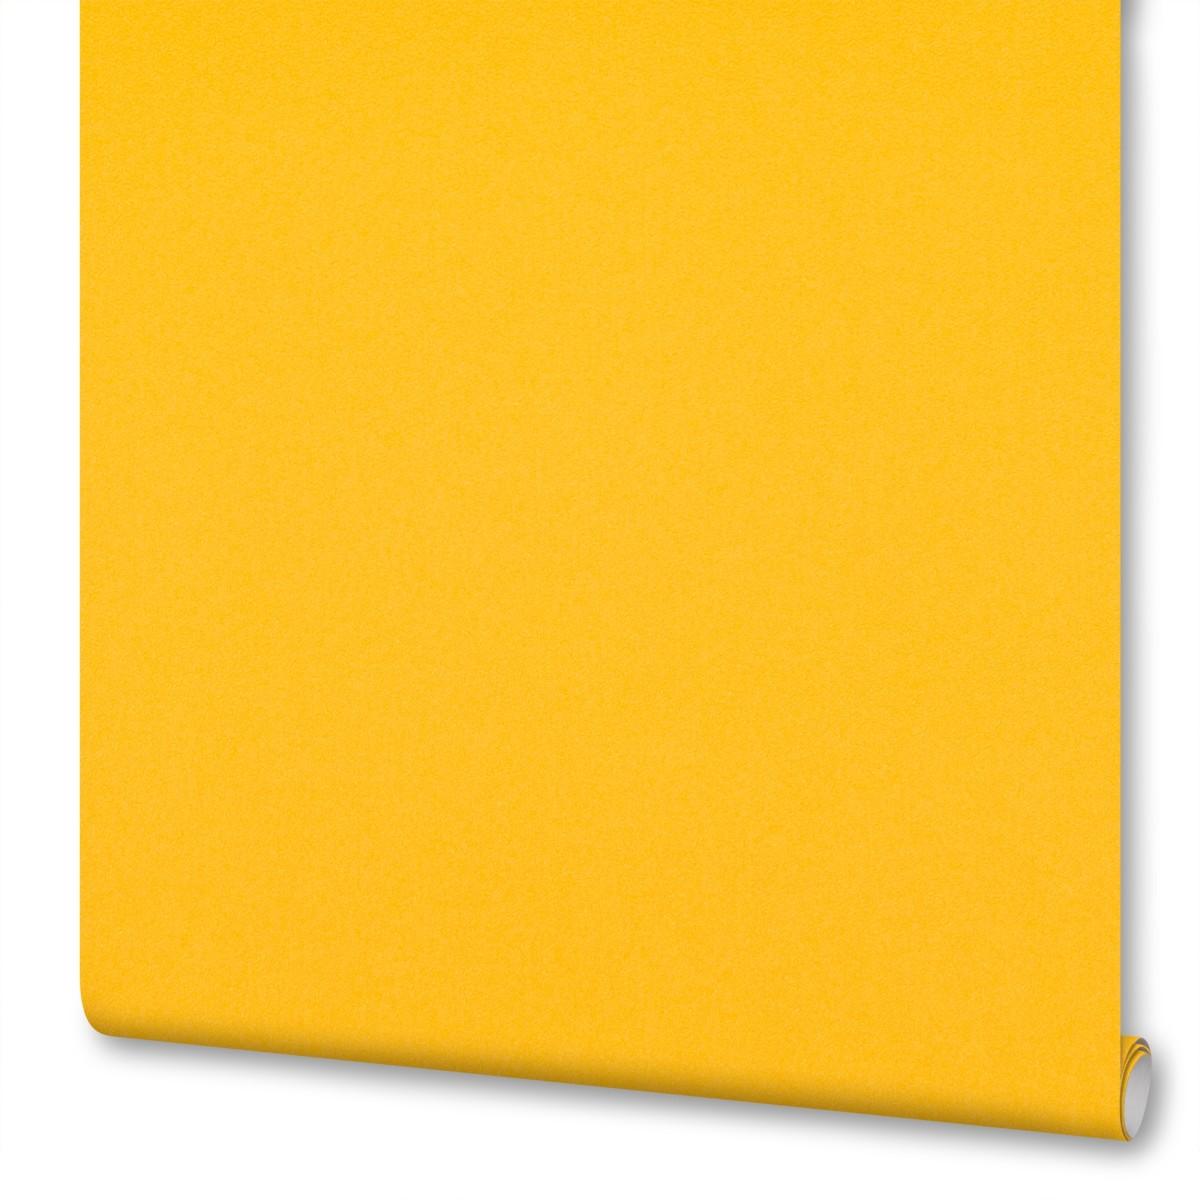 Обои флизелиновые Inspire с эффектом окрашенных стен желтые 0.53х10 м